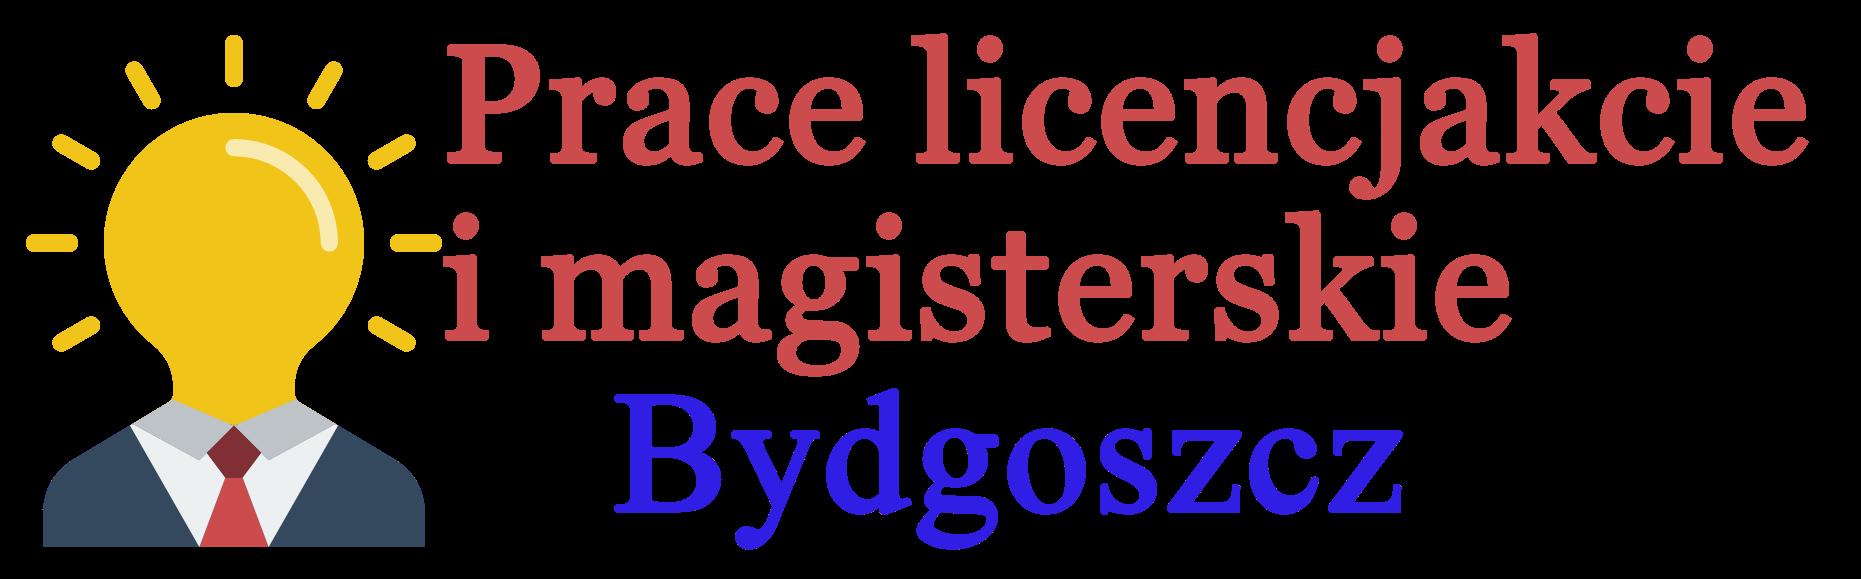 Pisanie prac licencjackich i magisterskich – Bydgoszcz - Kolejna witryna WordPress